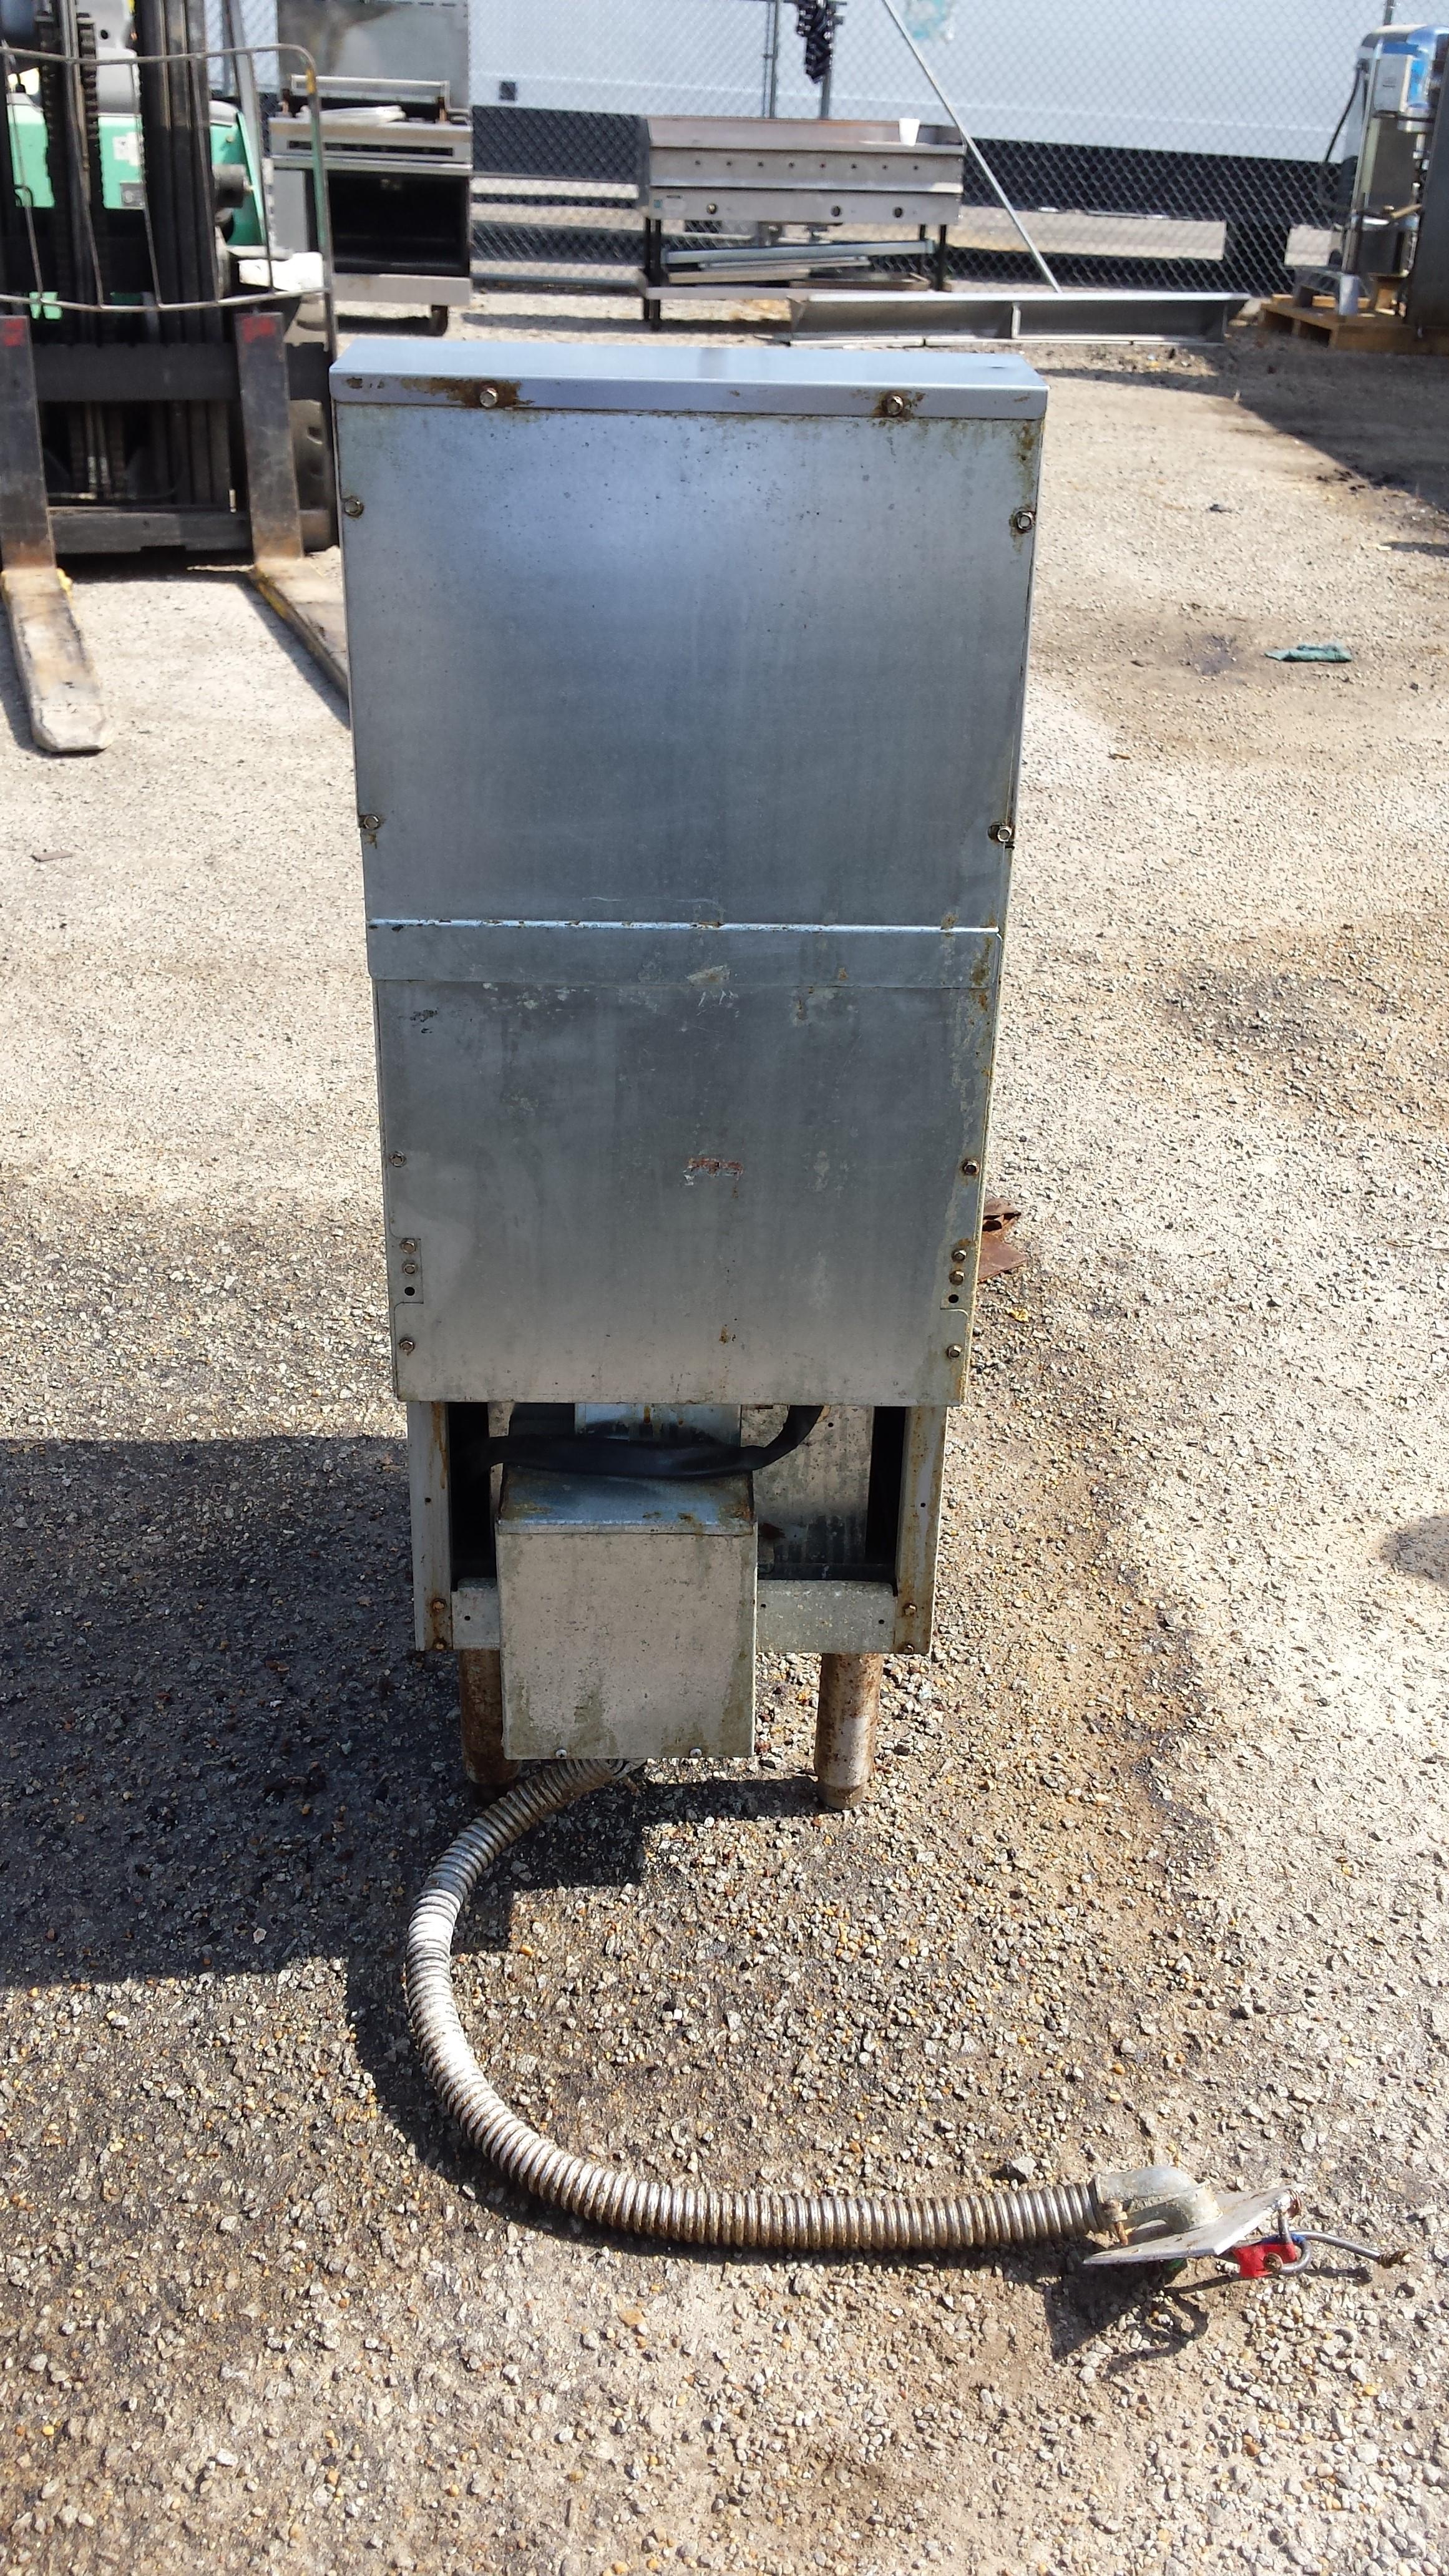 Frymaster Deep Fat Fryer 107